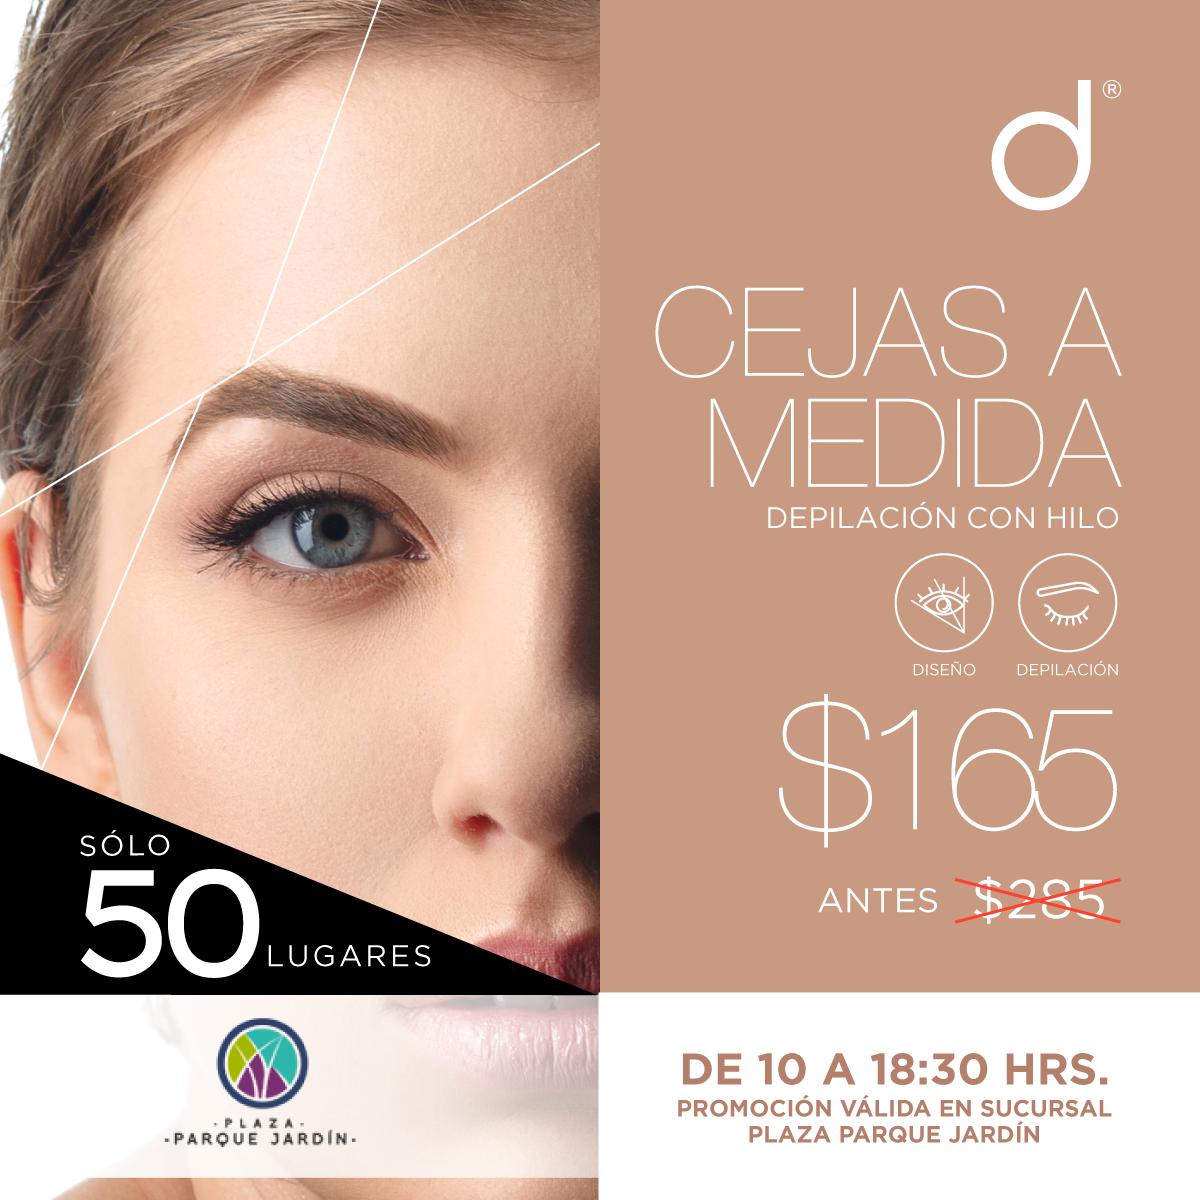 Diseño y depilación de ceja -  Sólo PLAZA PARQUE JARDÍN&w=900&h=900&fit=crop